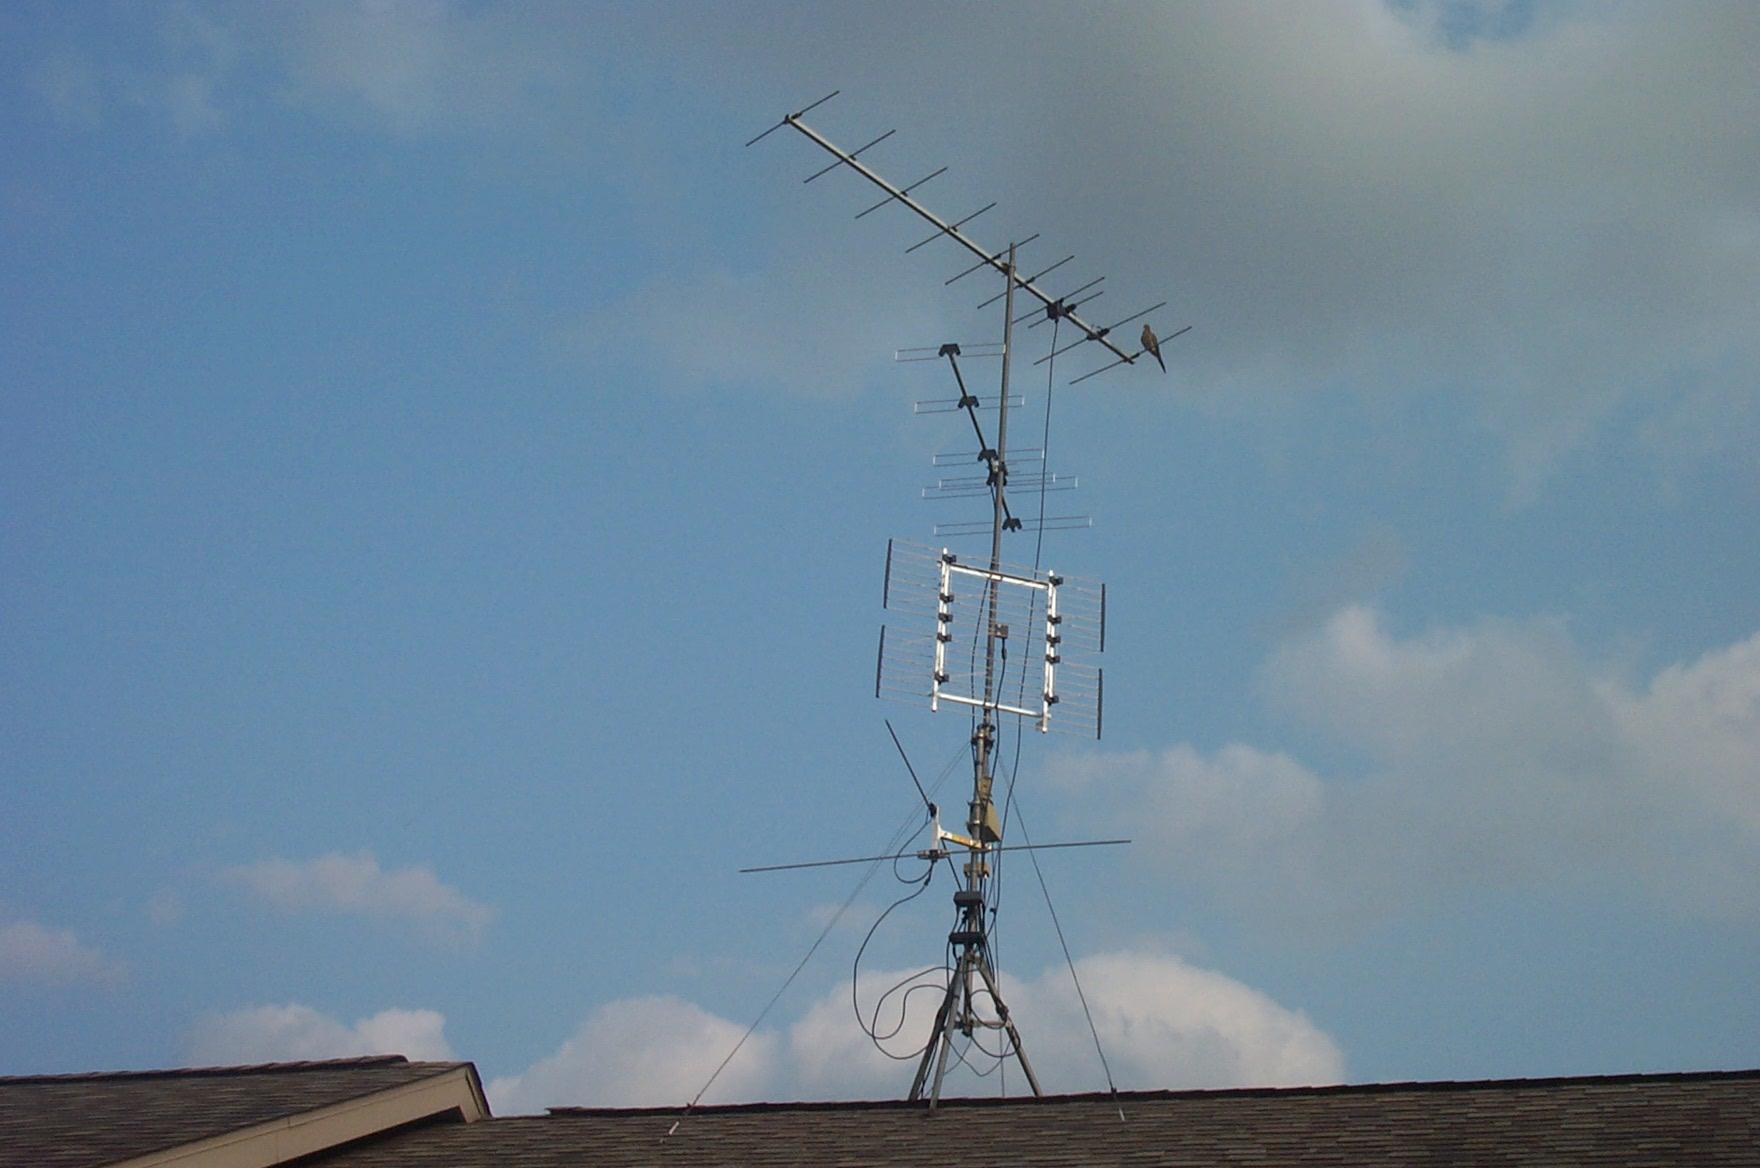 Improving Reception for WKBT channel 8 1 (VHF) - Inglett's blog